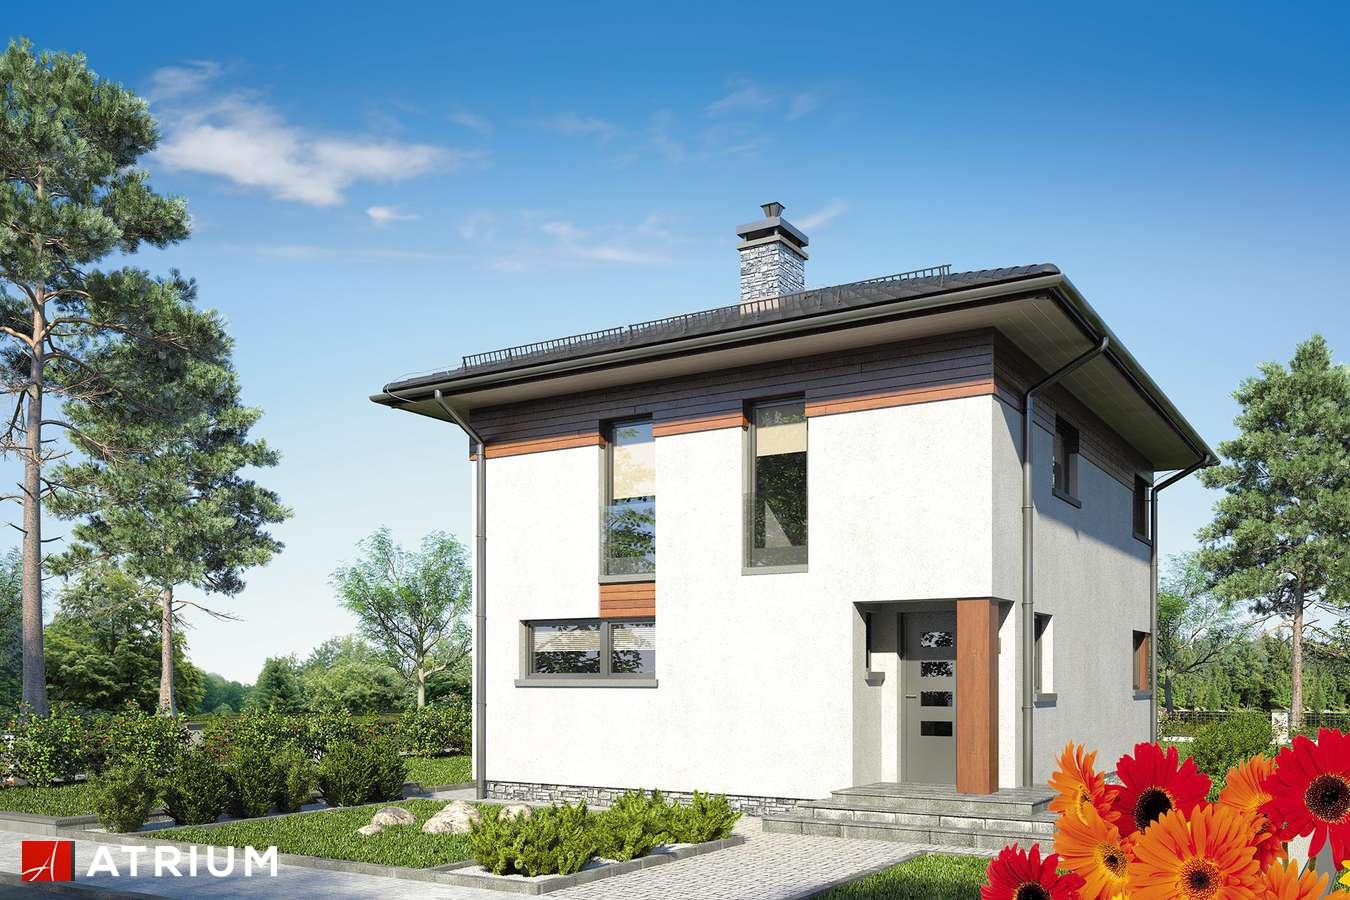 Projekty domów - Projekt domu piętrowego MILANO IV - wizualizacja 1